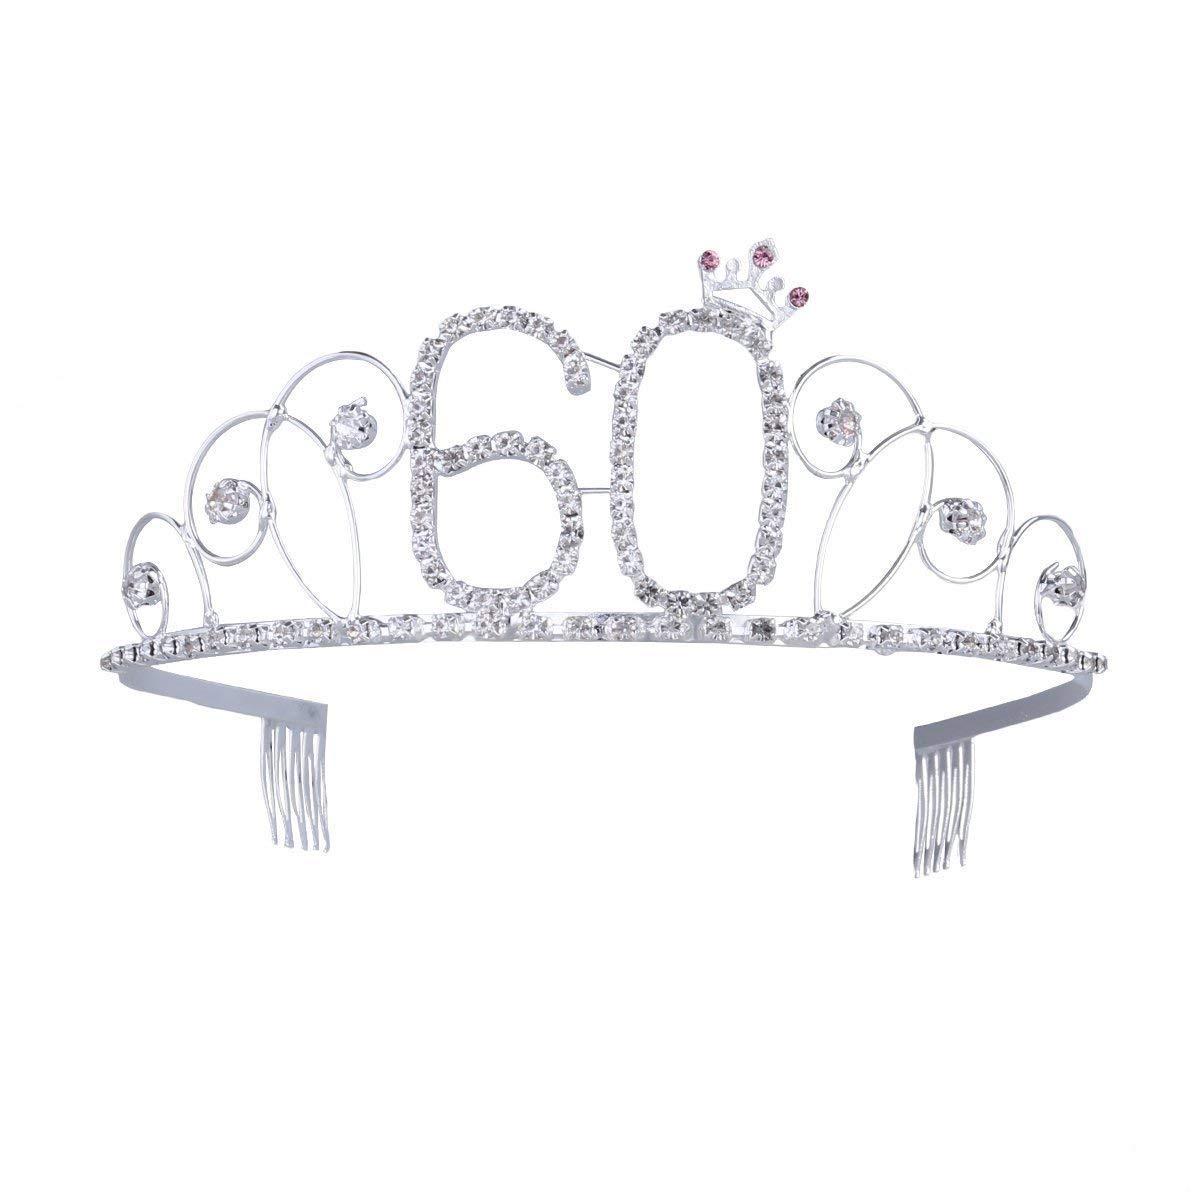 Ouinne Diad/ème Anniversaire Couronne Joyeux anniversaire 80 ans Strass Cristal Argent